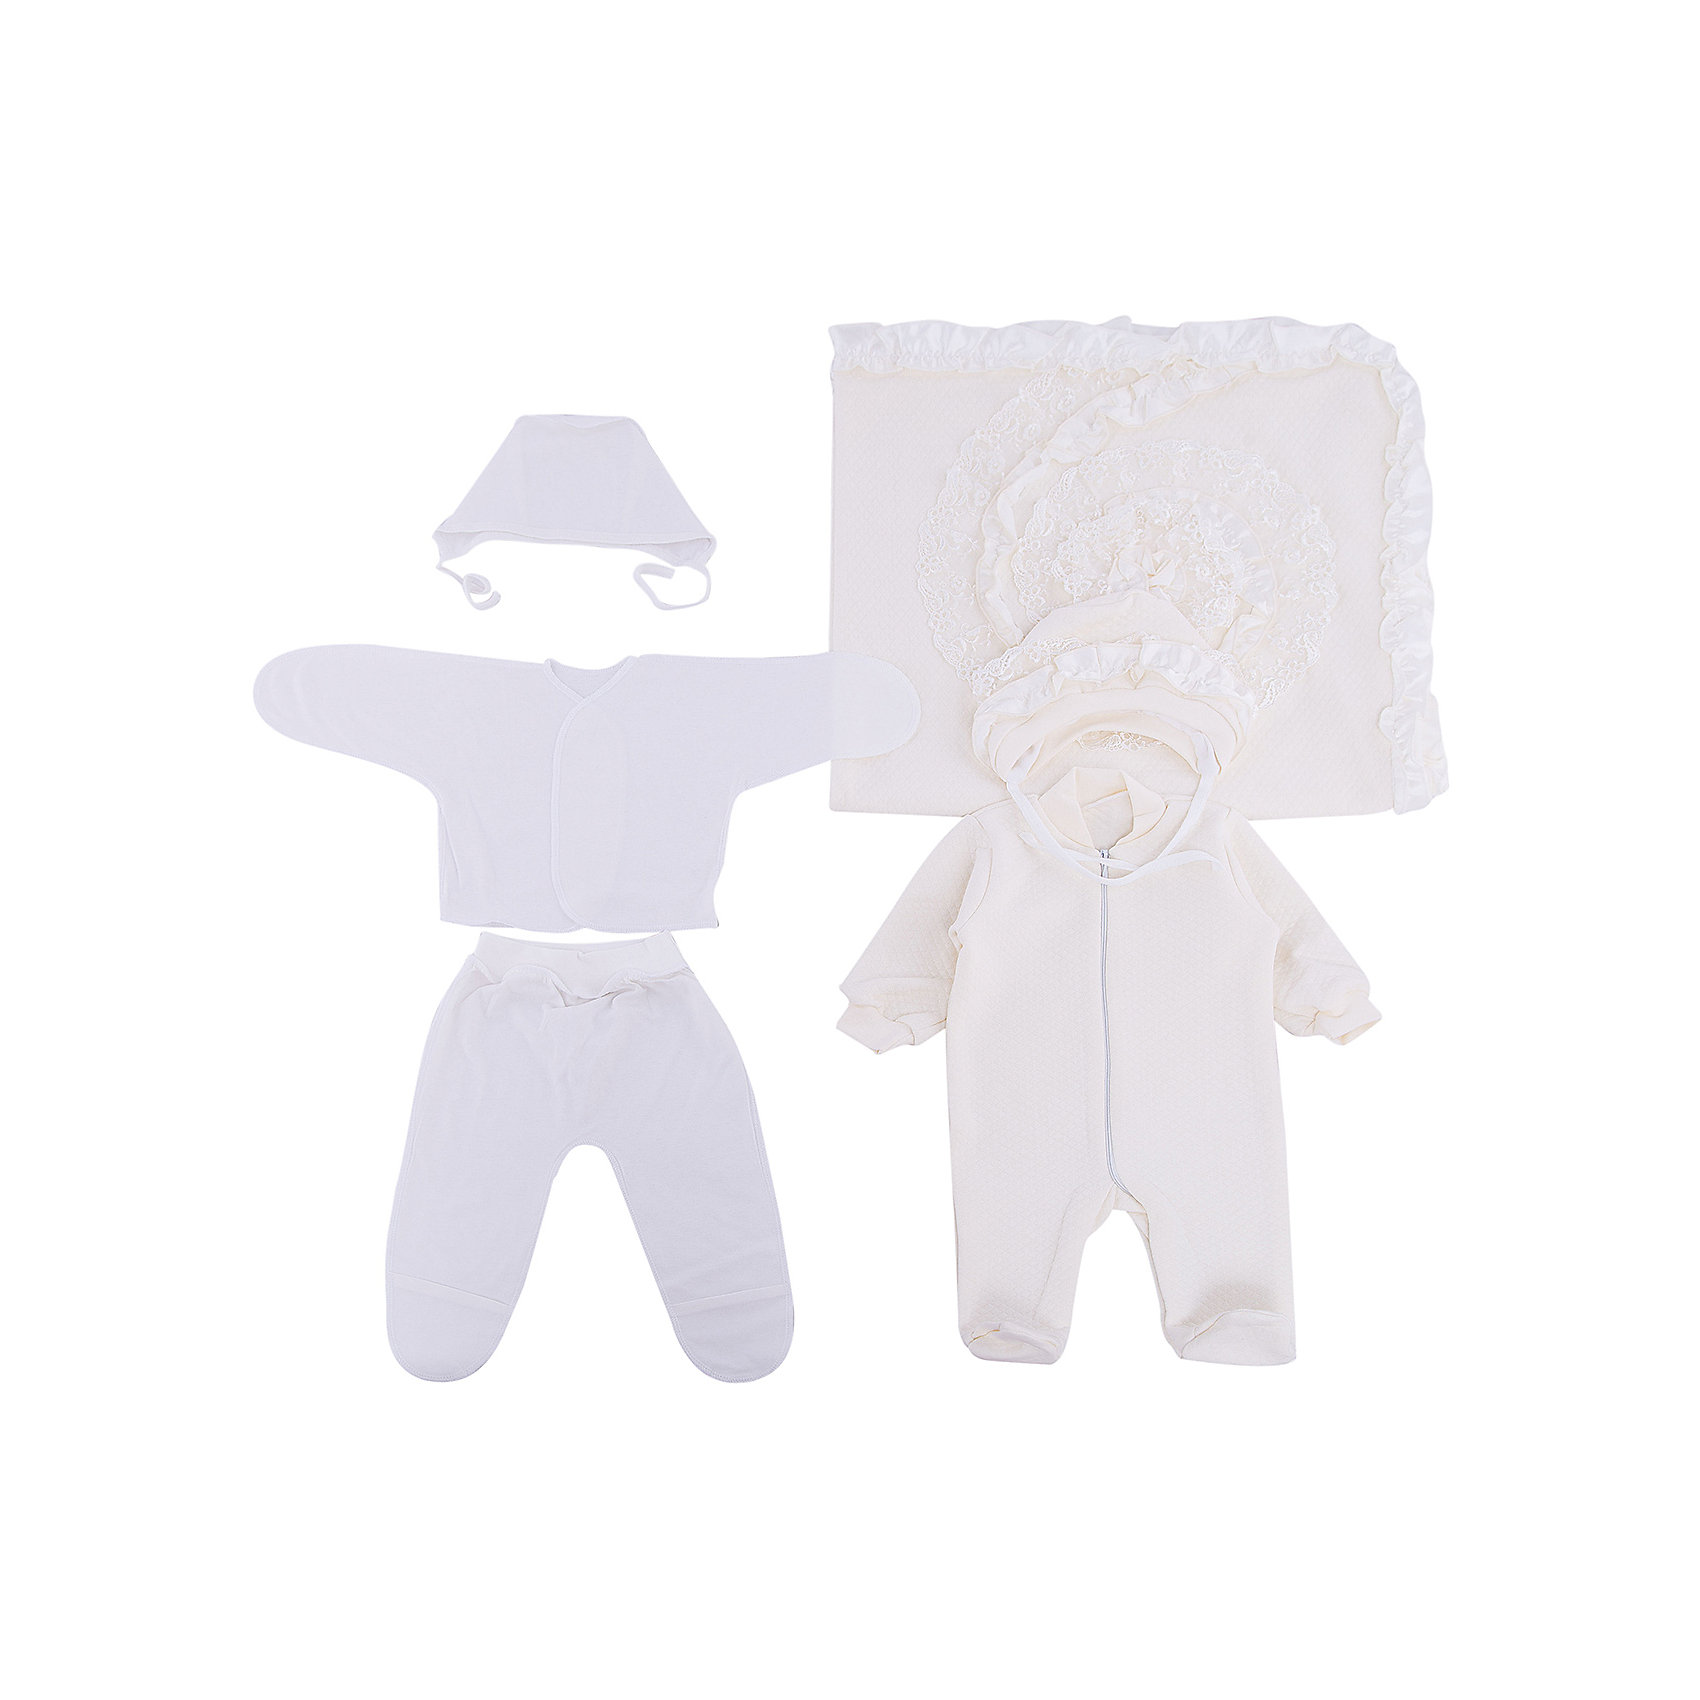 Комплект на выписку одеяло-плед 6-ти, GulSara, 168 жаркое лето капитонийНаборы одежды, конверты на выписку<br>Характеристики:<br><br>• Вид детского текстиля: комплект на выписку<br>• Предназначение: на выписку, для прогулки<br>• Сезон: лето<br>• Утеплитель: без утепления<br>• Температурный режим: от +15? С <br>• Пол: универсальный<br>• Тематика рисунка: коляска<br>• Материал: капитоний, кулирка<br>• Цвет: молочный, белый<br>• Комплектация:<br> одеяло-плед – 1 шт. р-р 85*85 см<br> чепчик – 2 шт. р-р 56-36<br> комбинезон на молнии – 1 шт. р-р 56-36<br> ползунки – 1 шт. р-р 56-36<br> распашонка – 1 шт. р-р 56-36<br>• Особенности ухода: машинная стирка при температуре 30 градусов без использования отбеливающих и красящих веществ<br><br>Комплект на выписку одеяло-плед 6-ти, GulSara, 168 жаркое лето капитоний от отечественного швейного производства, который выпускает современный текстиль и товары для новорожденных, изготовленных на основе вековых традиций. В своем производстве GulSara использует только экологичные и натуральные материалы, что обеспечивает их безопасность даже для малышей с чувствительной кожей. <br><br>Набор предназначен для выписки в летний период и состоит из квадратного пледа-одеяла, комбинезона и чепчика, выполненных из натуральной хлопкового трикотажного полотна. Комплект нижней одежды состоит из ползунков, распашонки и чепчика, изготовленных из нежной и мягкой кулирки. Плед по периметру декорирован оборками и кружевом, по центру имеется кружевная аппликация. Комплект на выписку одеяло-плед 6-ти, GulSara, 168 жаркое лето капитоний создаст изысканный и неповторимый образ вашего малыша!<br><br>Комплект на выписку одеяло-плед 6-ти, GulSara, 168 жаркое лето капитоний можно купить в нашем интернет-магазине.<br><br>Ширина мм: 450<br>Глубина мм: 450<br>Высота мм: 20<br>Вес г: 500<br>Возраст от месяцев: 0<br>Возраст до месяцев: 6<br>Пол: Унисекс<br>Возраст: Детский<br>SKU: 5433431